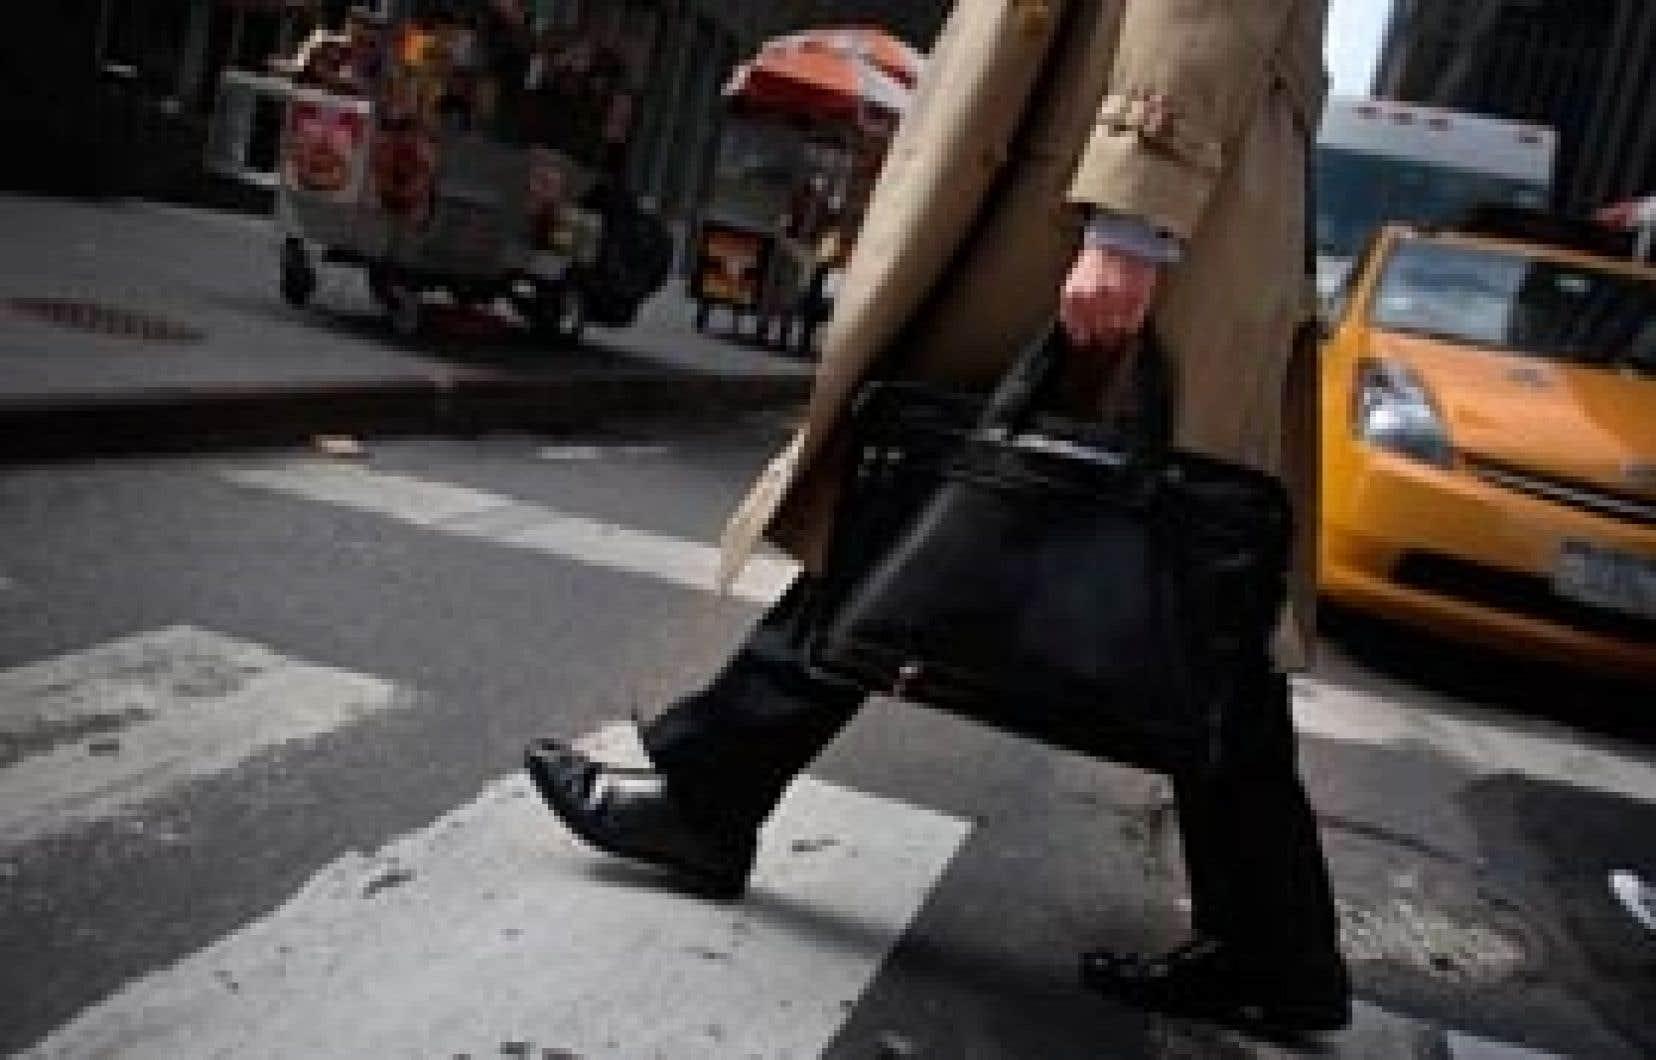 Selon Yves Michaud, du Mouvement d'éducation et de défense des actionnaires, «il faut maintenir, dans l'opinion publique, le débat sur les rémunérations absolument pharaoniques, excessives, himalayennes, outrageantes, indécentes».